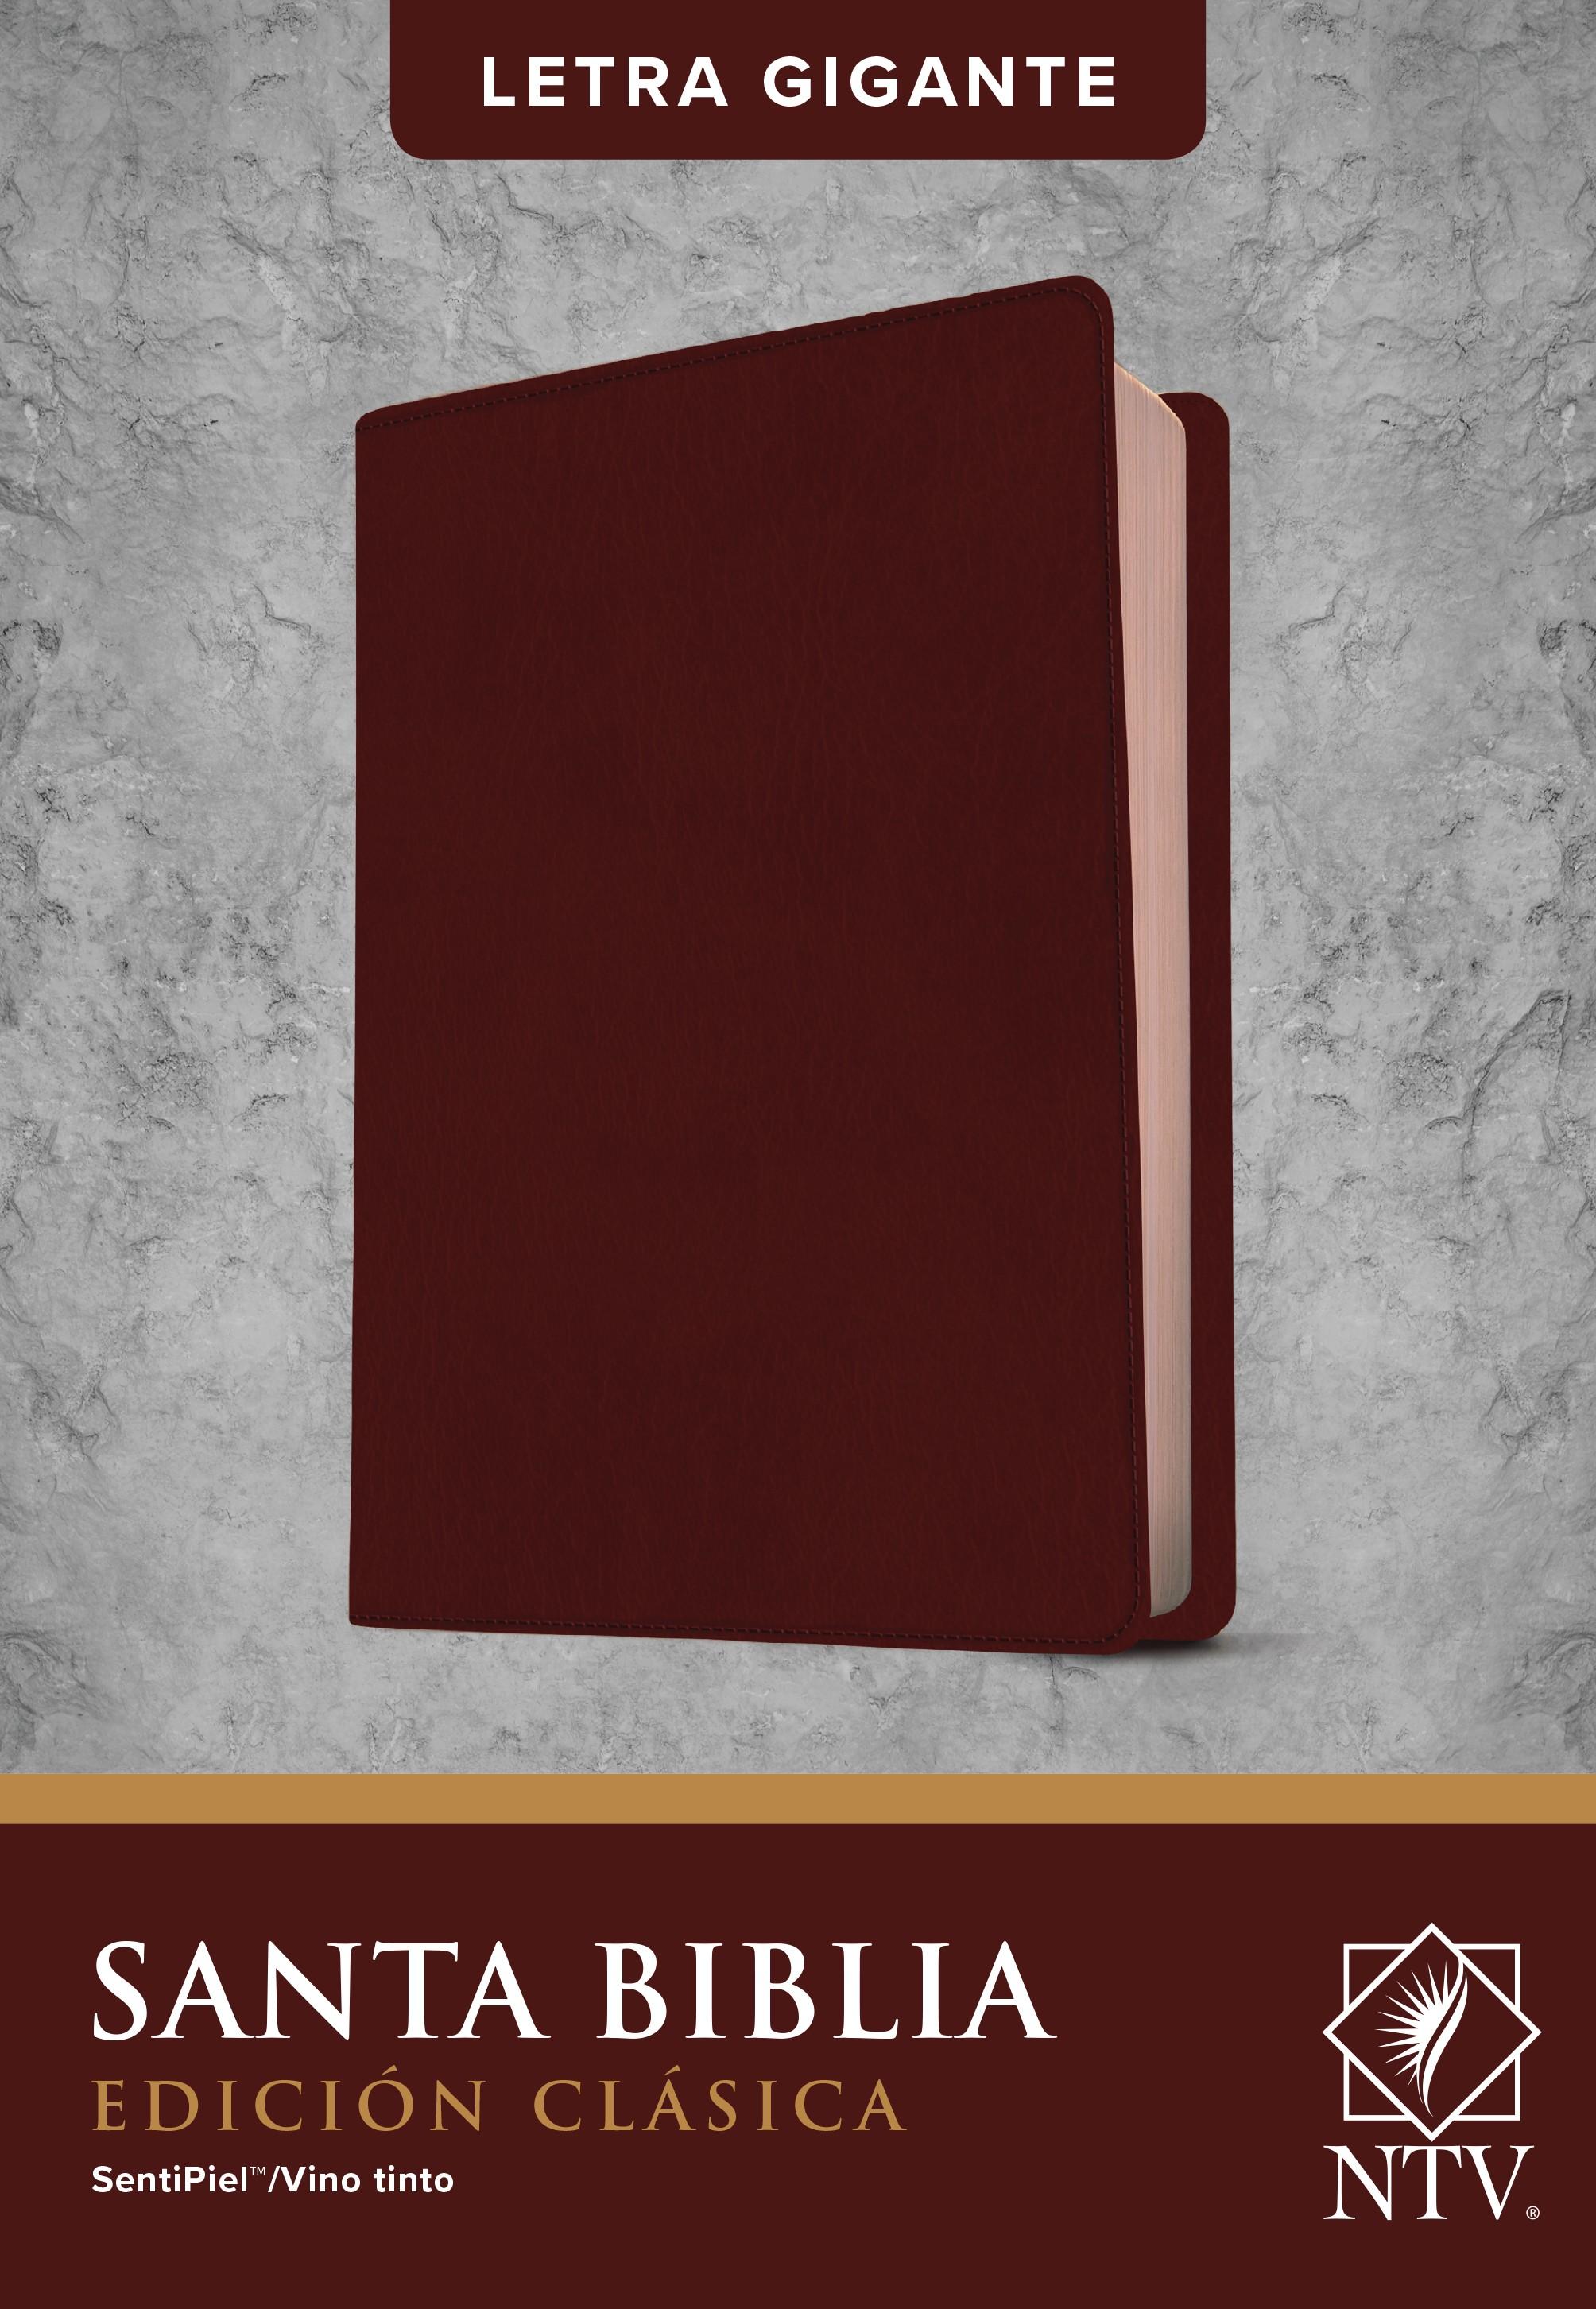 Santa Biblia NTV, Edición clásica, letra gigante (Letra Roja, SentiPiel, Vino tinto)